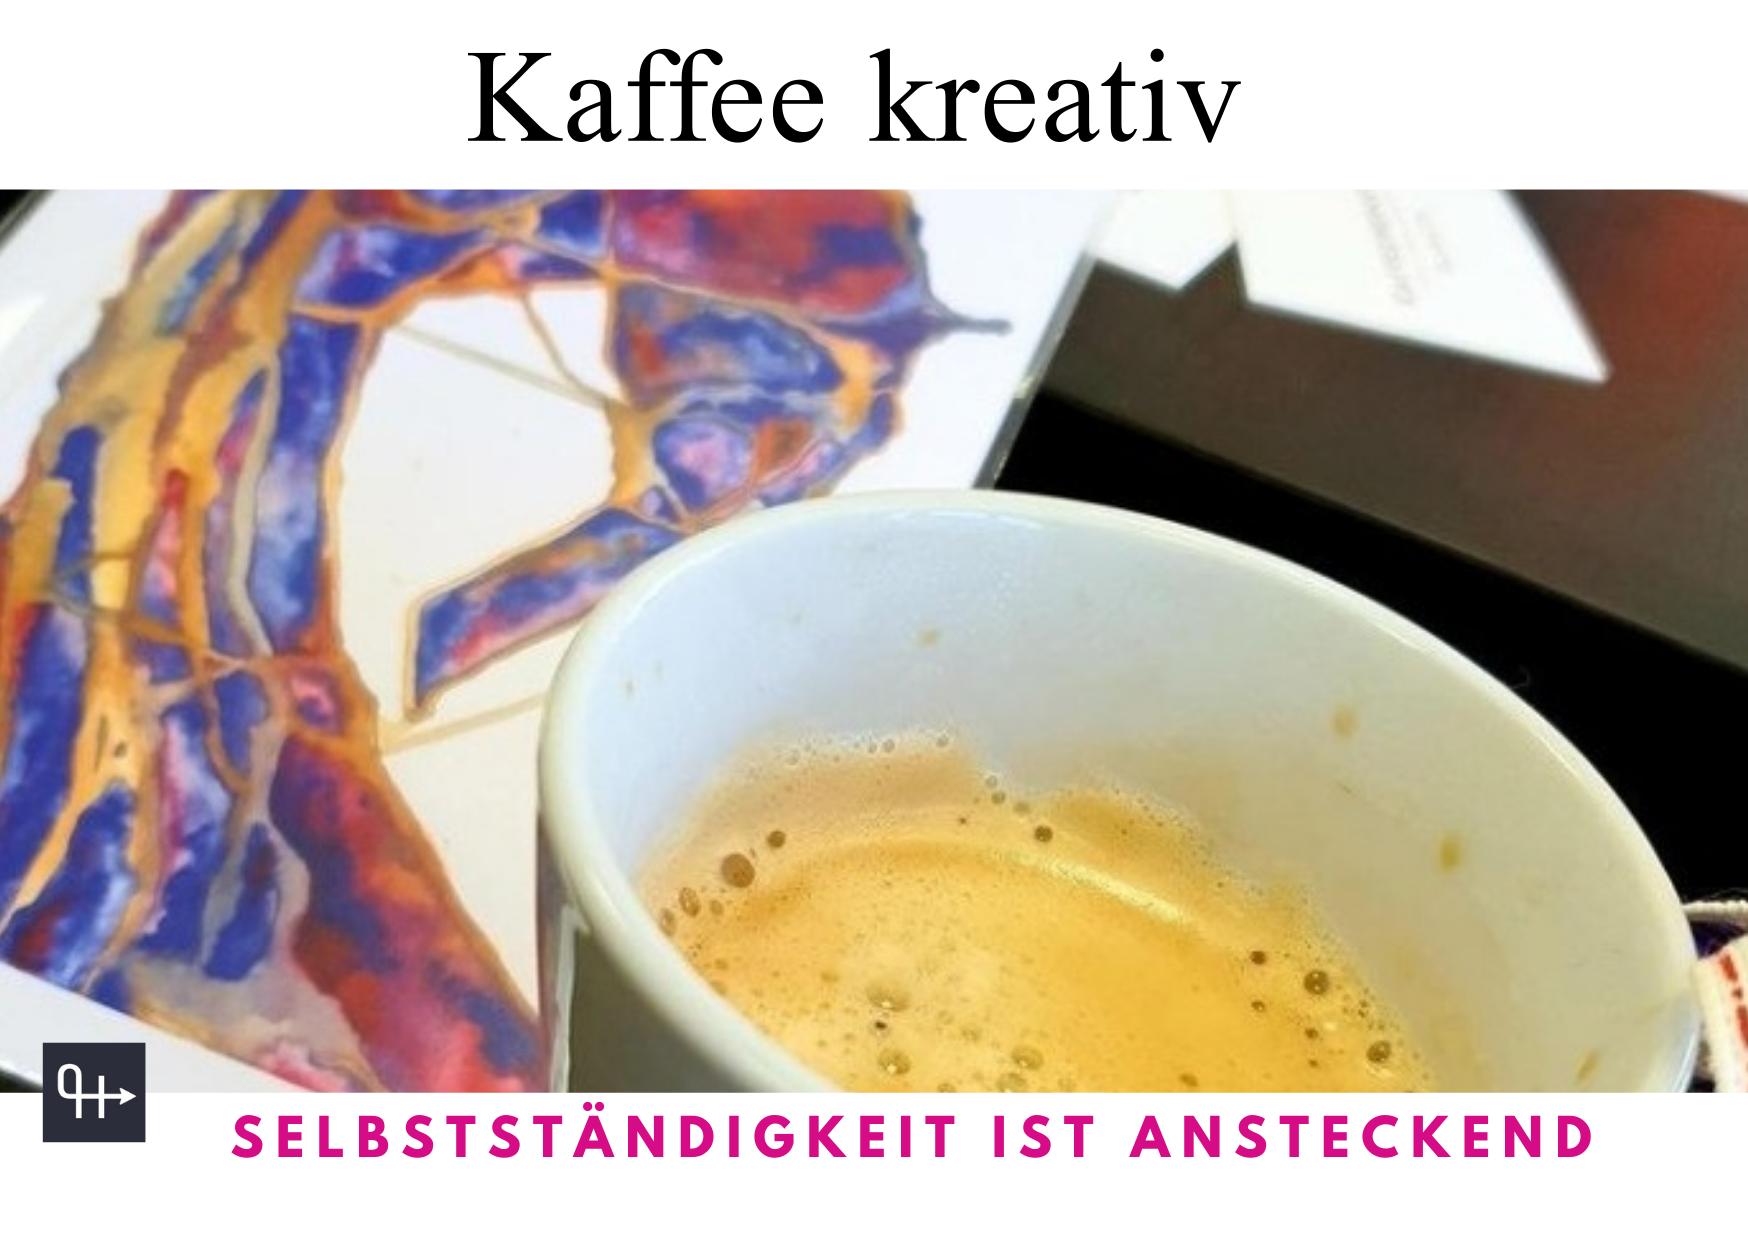 Kaffee kreativ